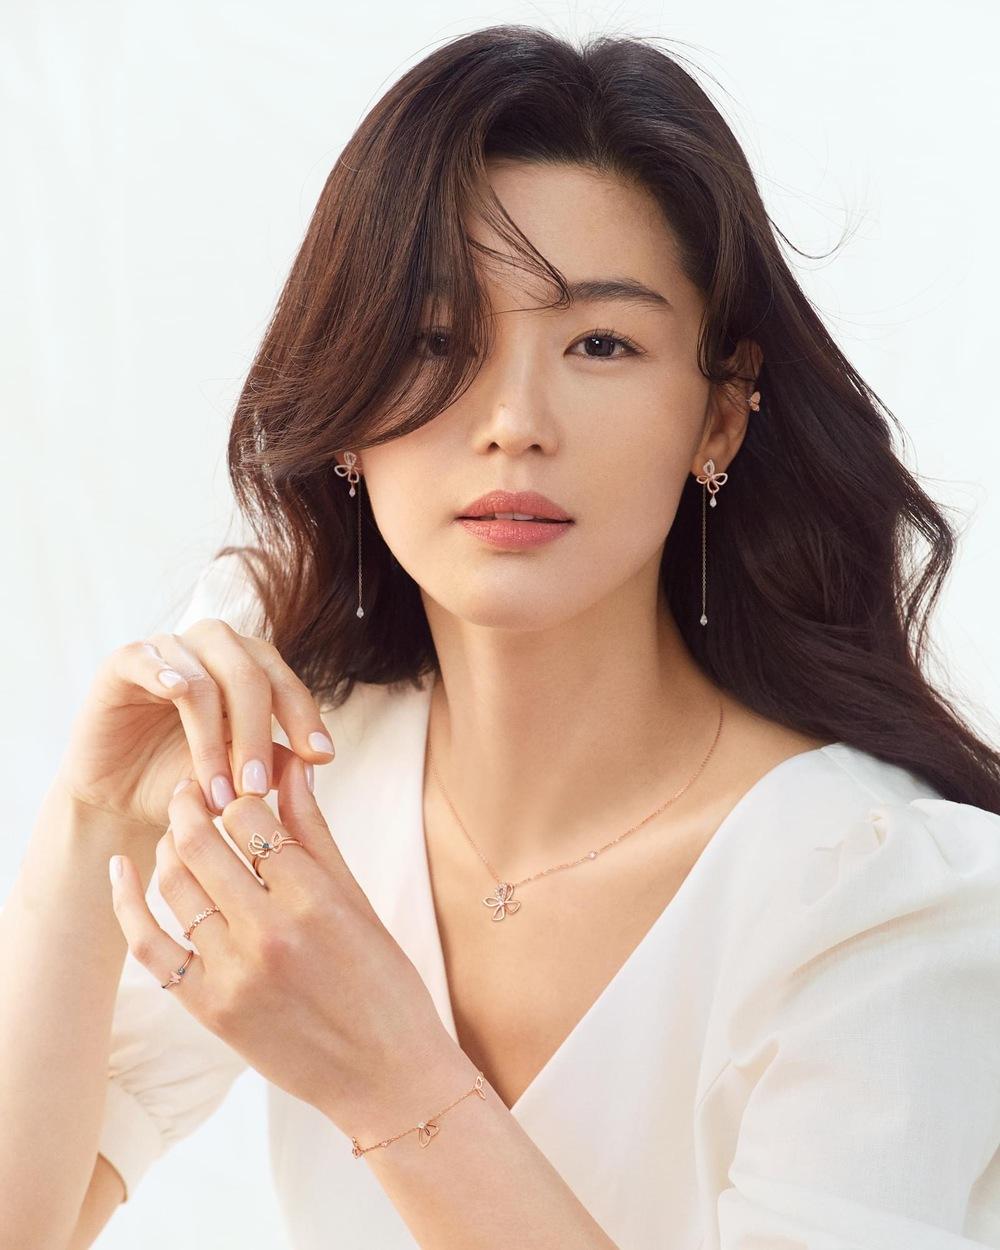 """Sau tin đồn ly hôn, Jeon Ji Hyun khiến dân tình """"hết hồn"""" với tóc tai mà makeup chán đời chưa từng thấy - Ảnh 2."""